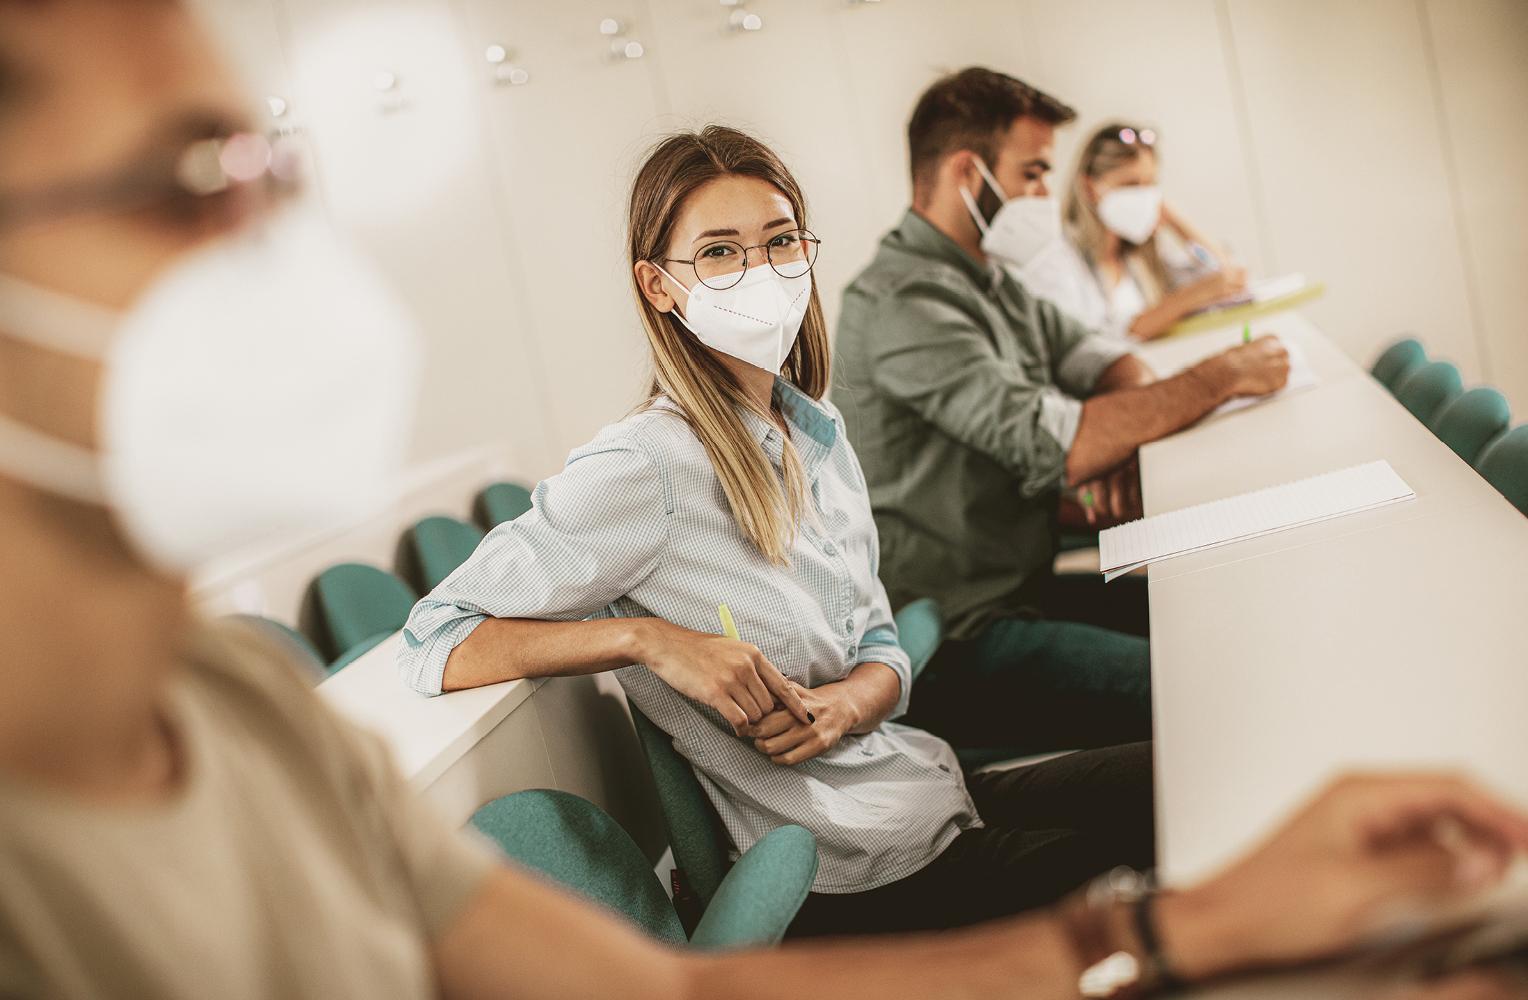 Mehrere Menschen sitzen im Hörsaal und tragen Masken